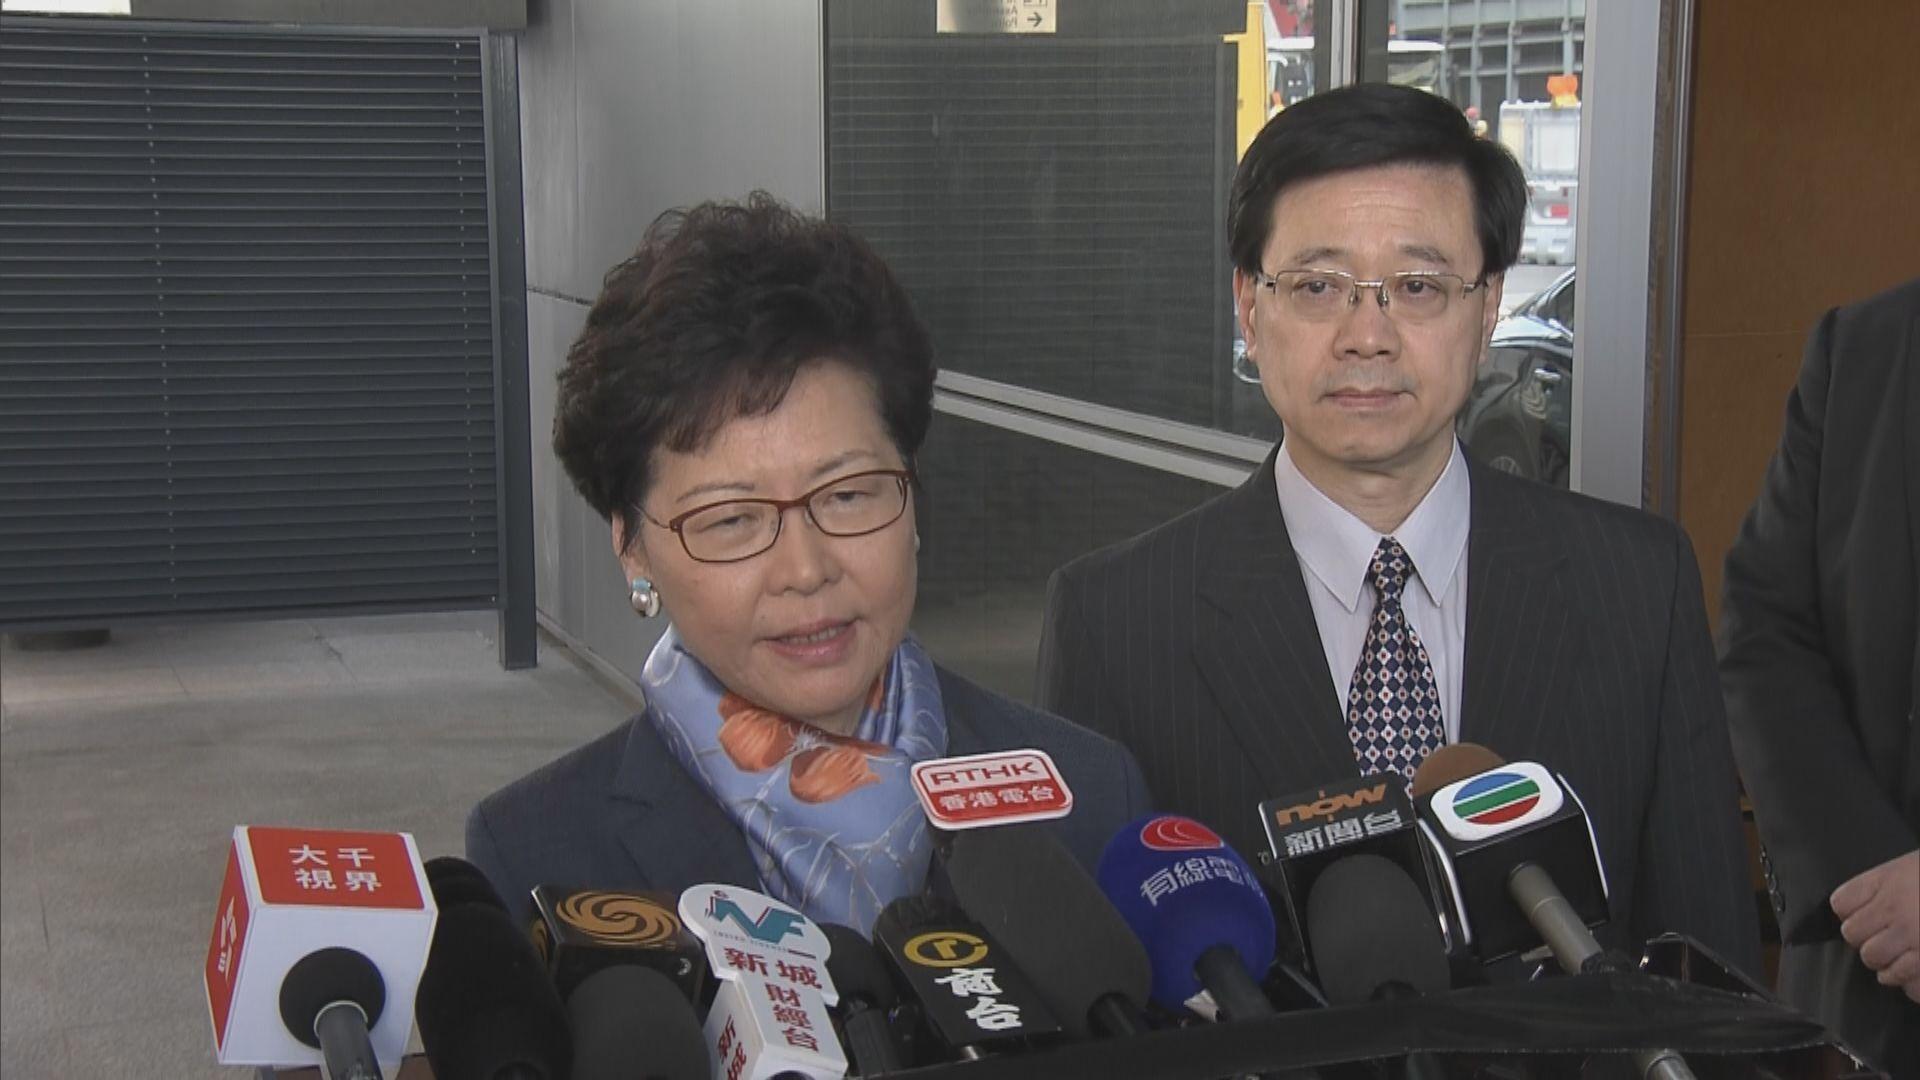 林鄭:如有可消除對修例疑慮的建議會再考慮